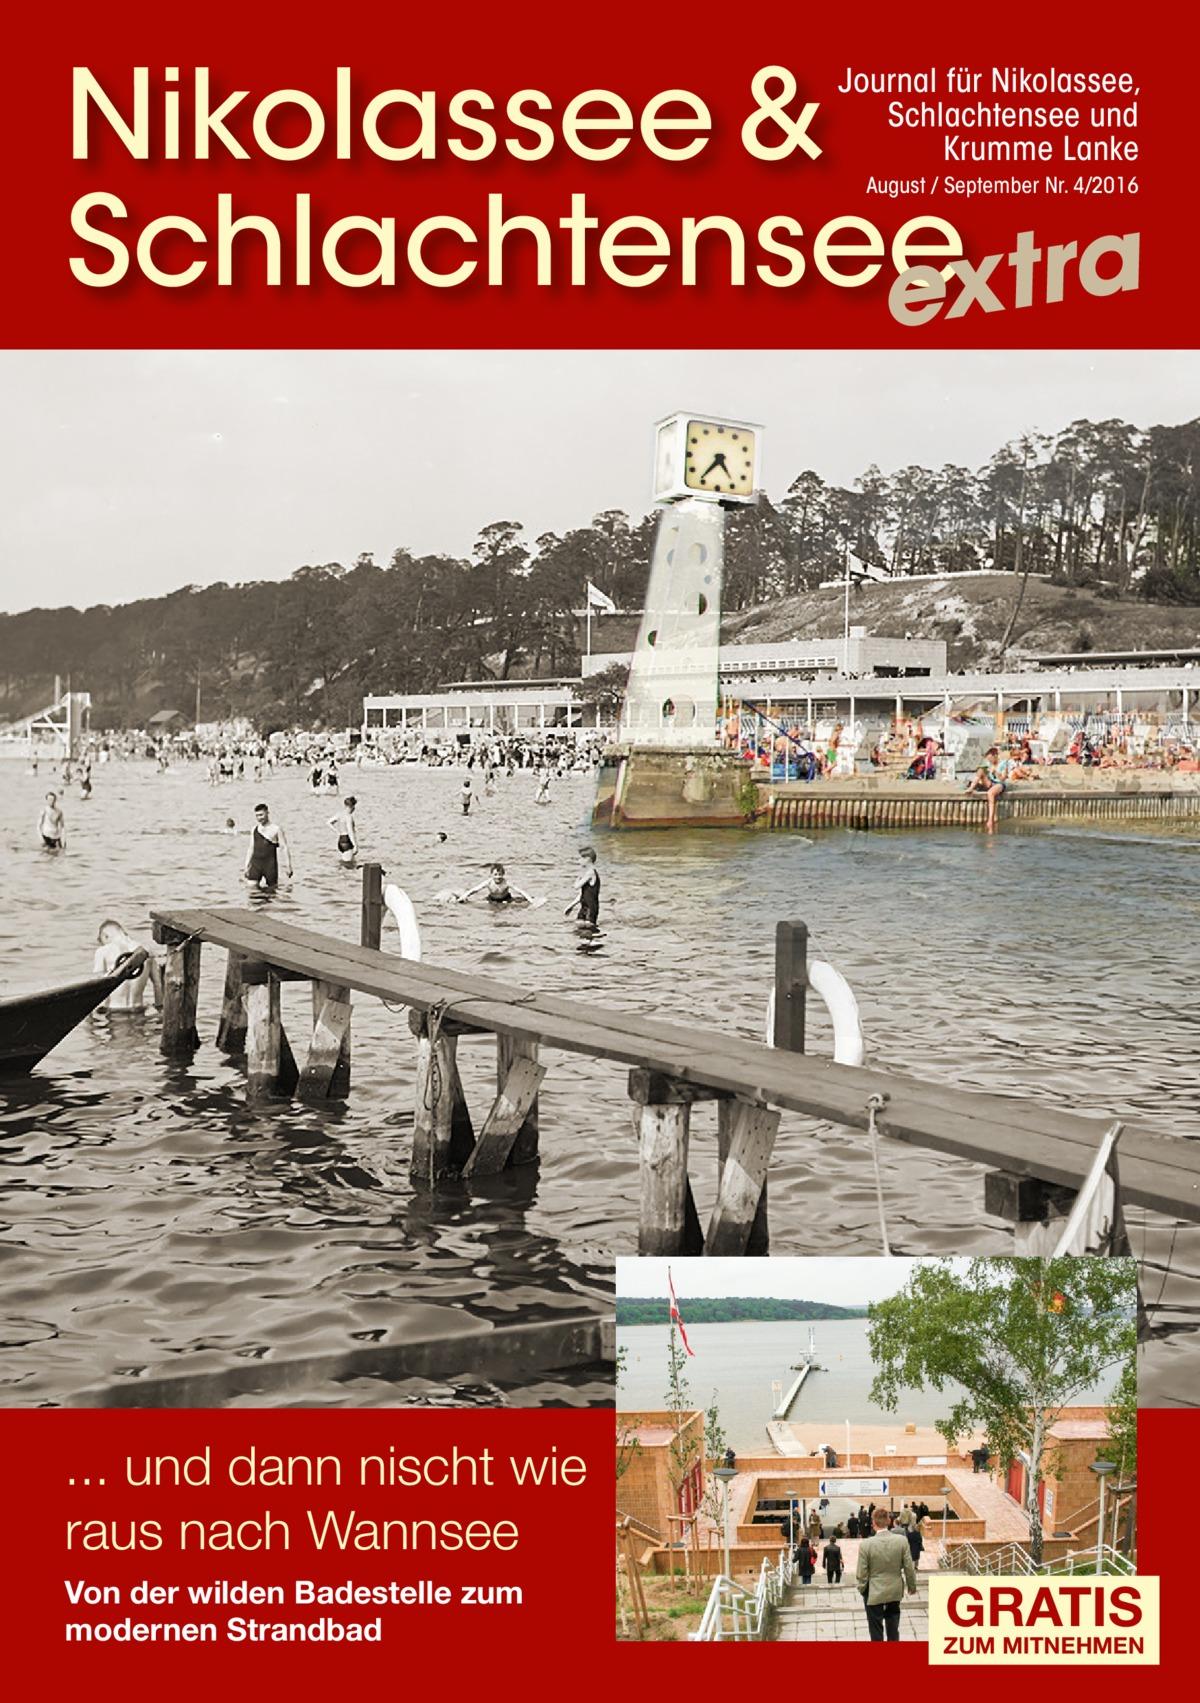 Nikolassee & Schlachtensee extra Journal für Nikolassee, Schlachtensee und Krumme Lanke August / September Nr. 4/2016  ... und dann nischt wie raus nach Wannsee Von der wilden Badestelle zum modernen Strandbad  GRATIS  ZUM MITNEHMEN